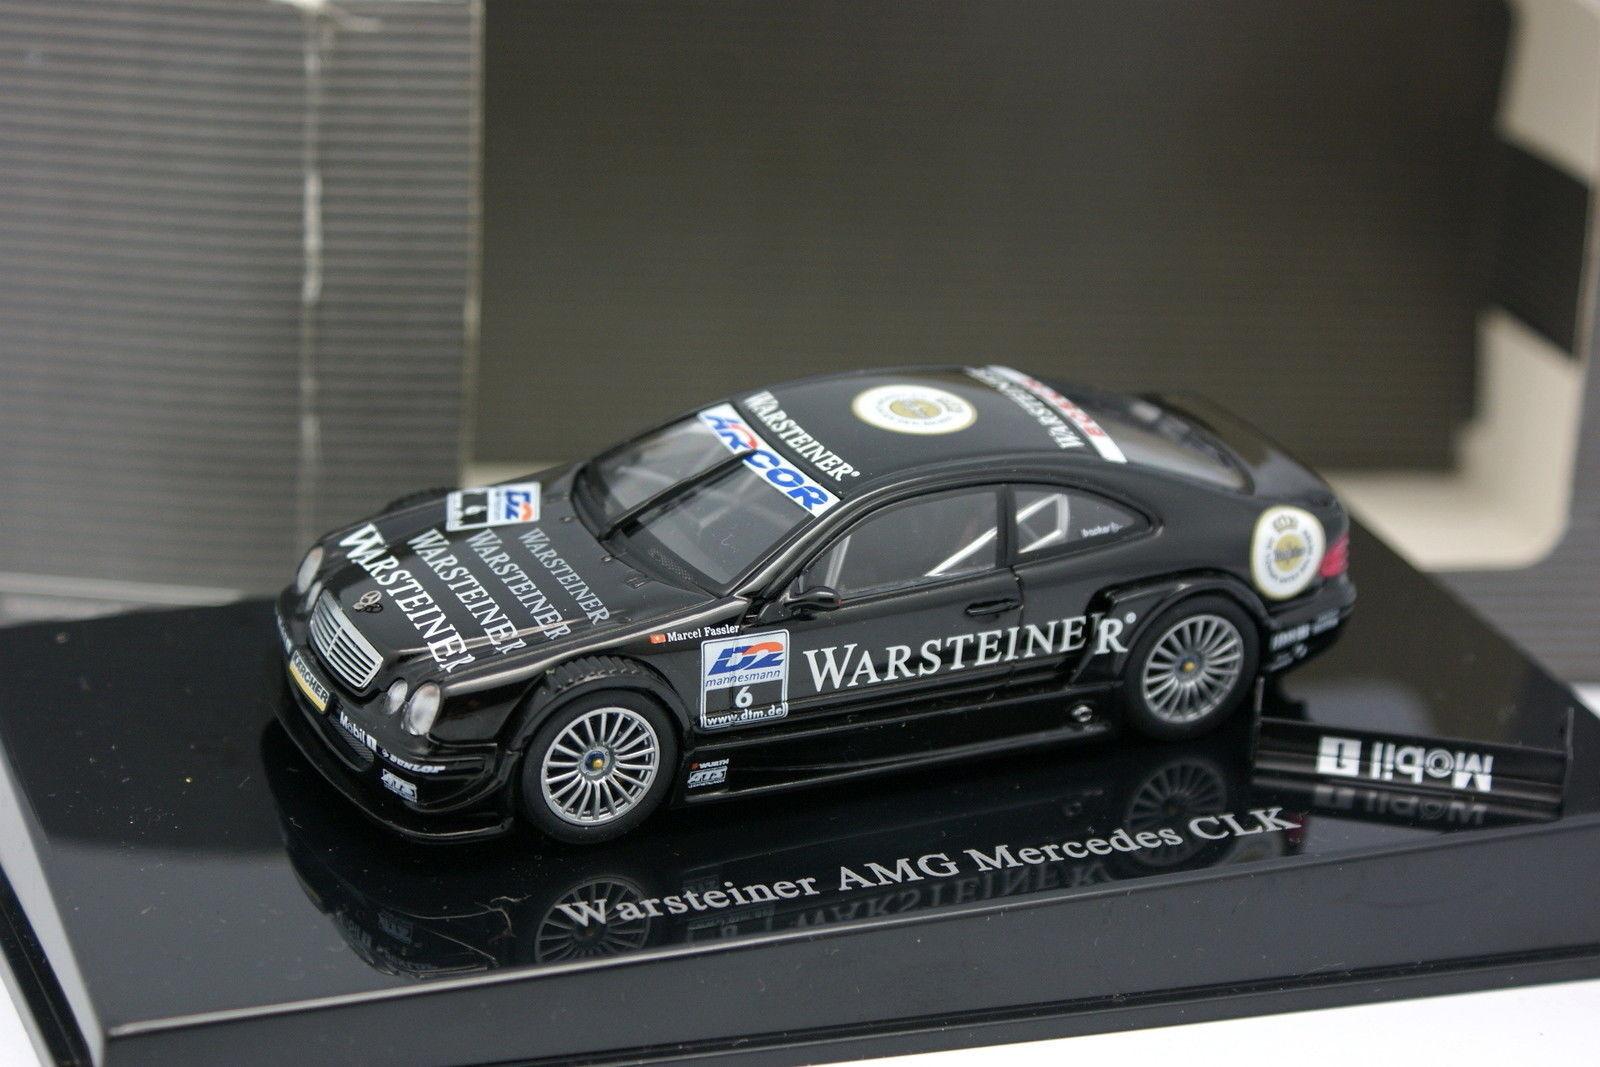 Auto Art 1 43 - Mercedes CLK AMG DTM Warsteiner Warsteiner Warsteiner Fassler e55b5c